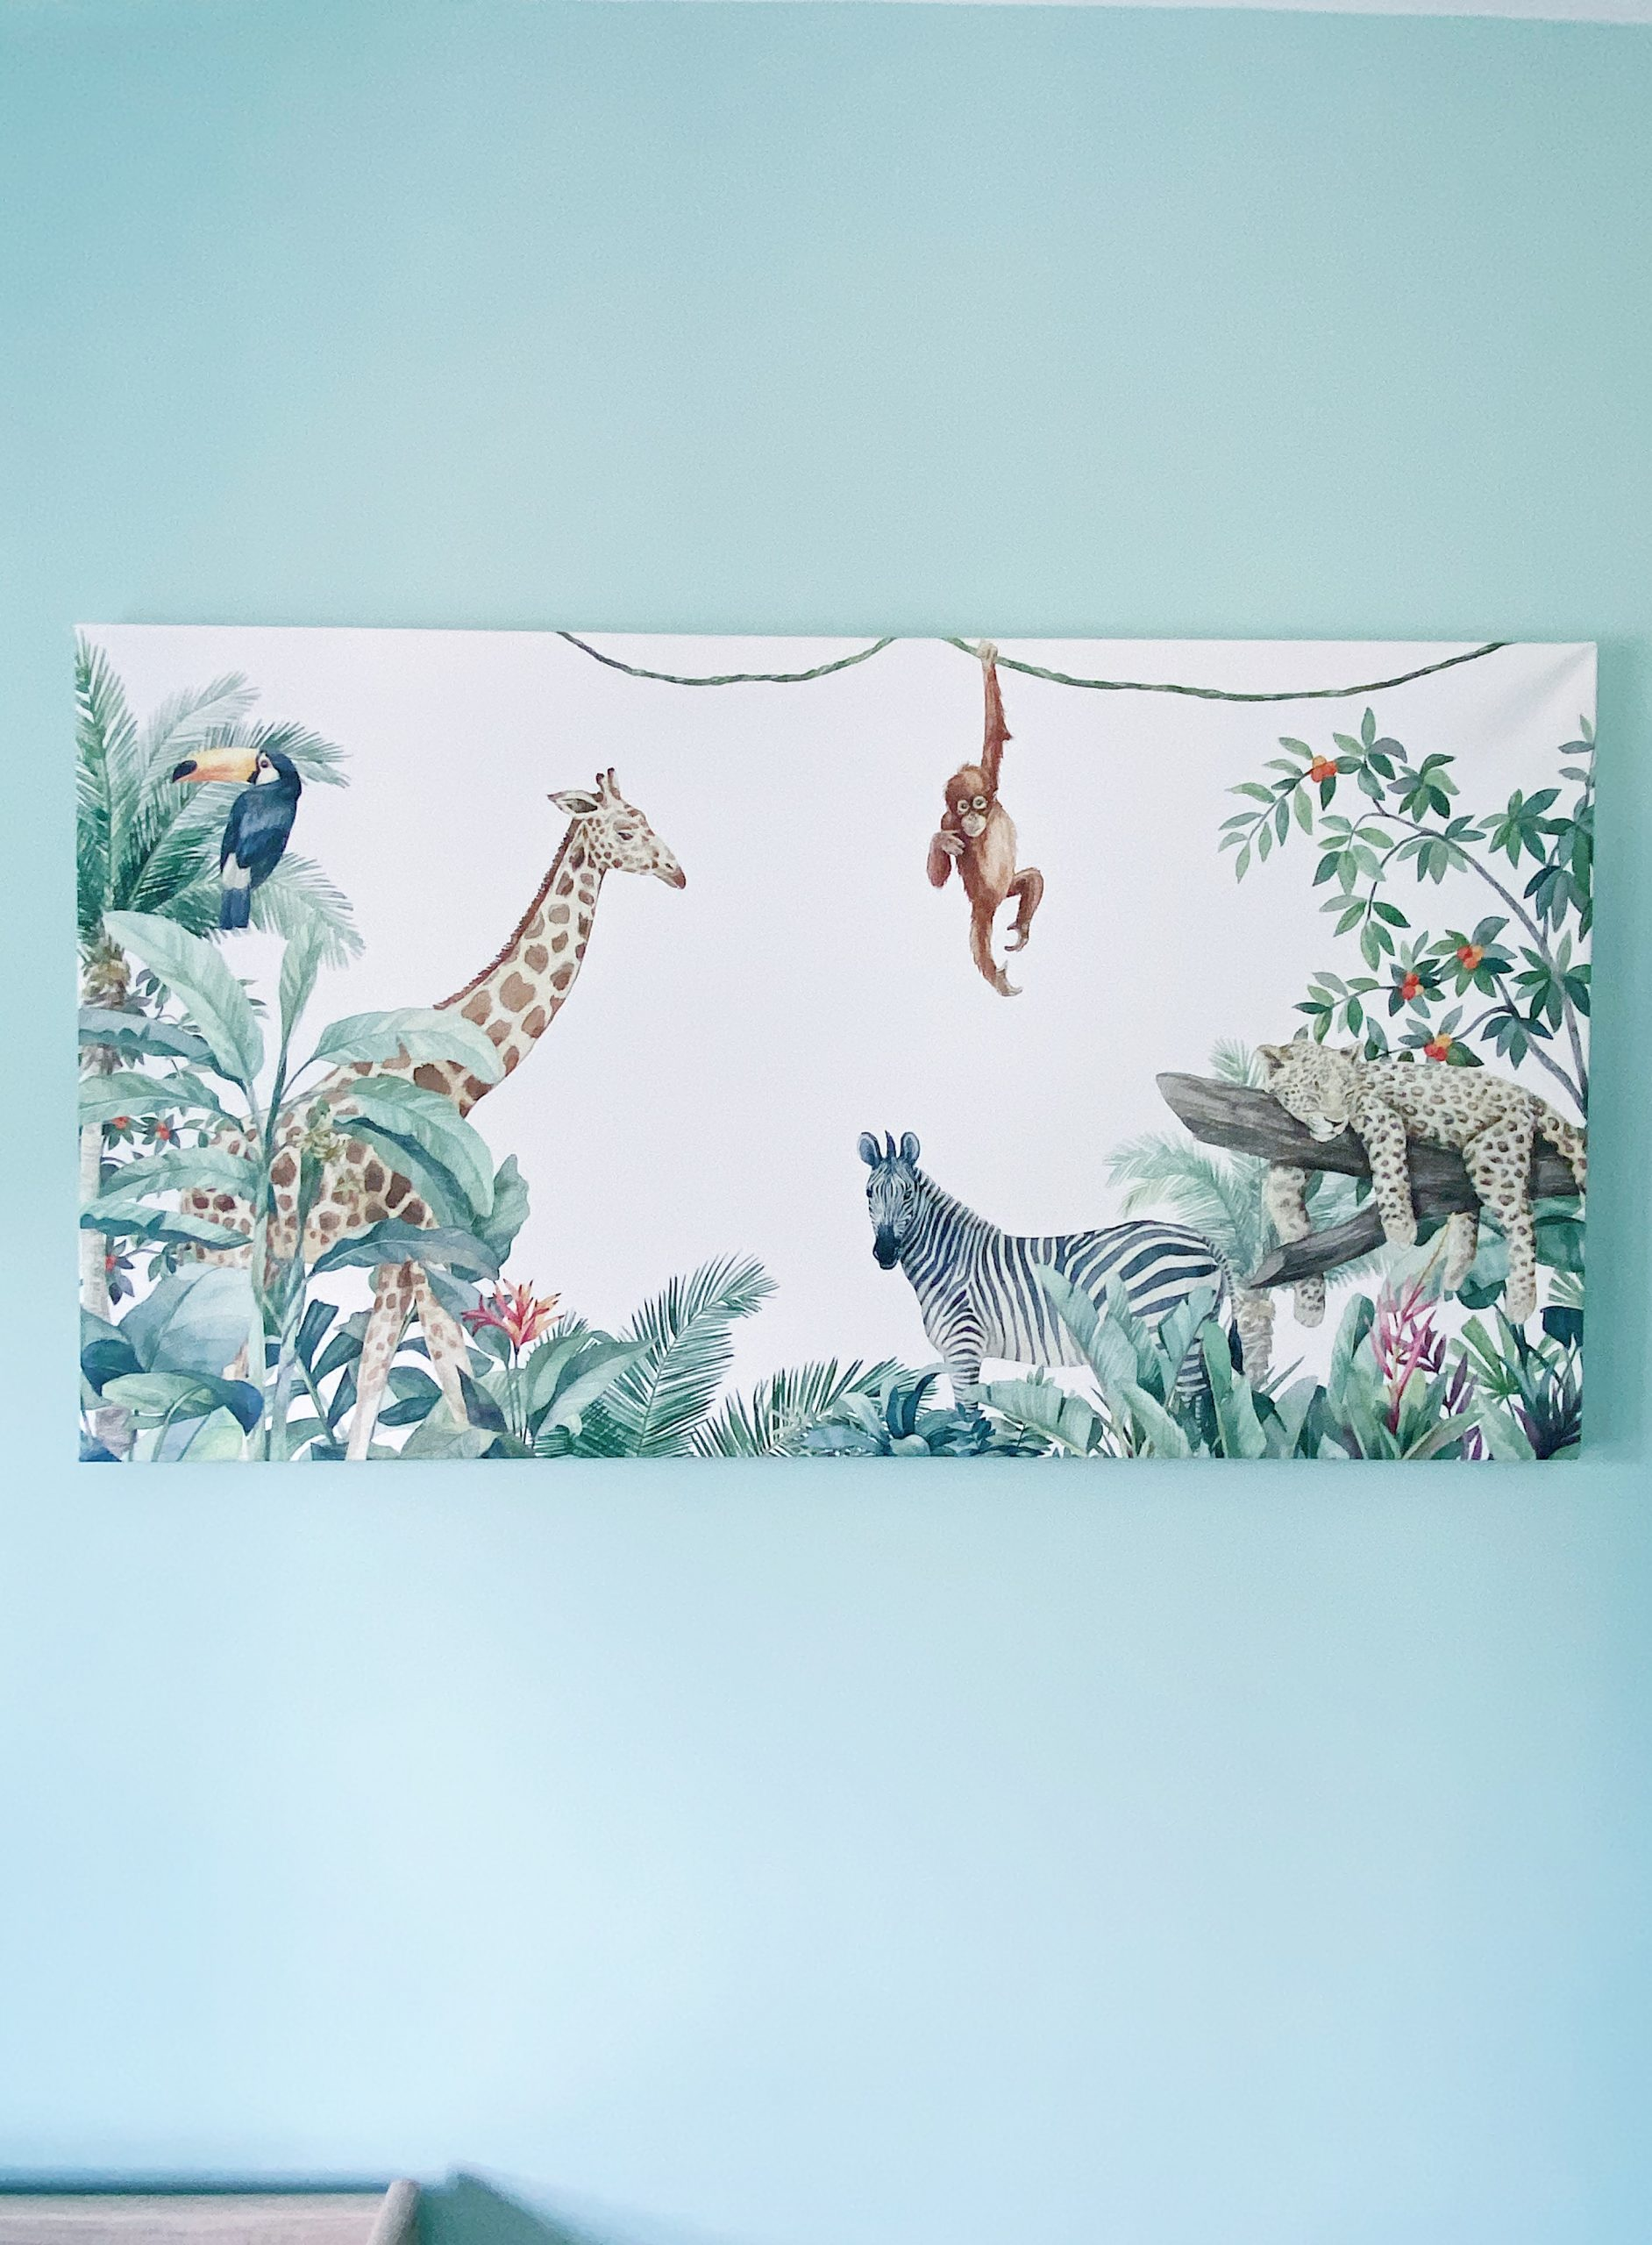 Our Baby's Nursery - Safari Theme canvas